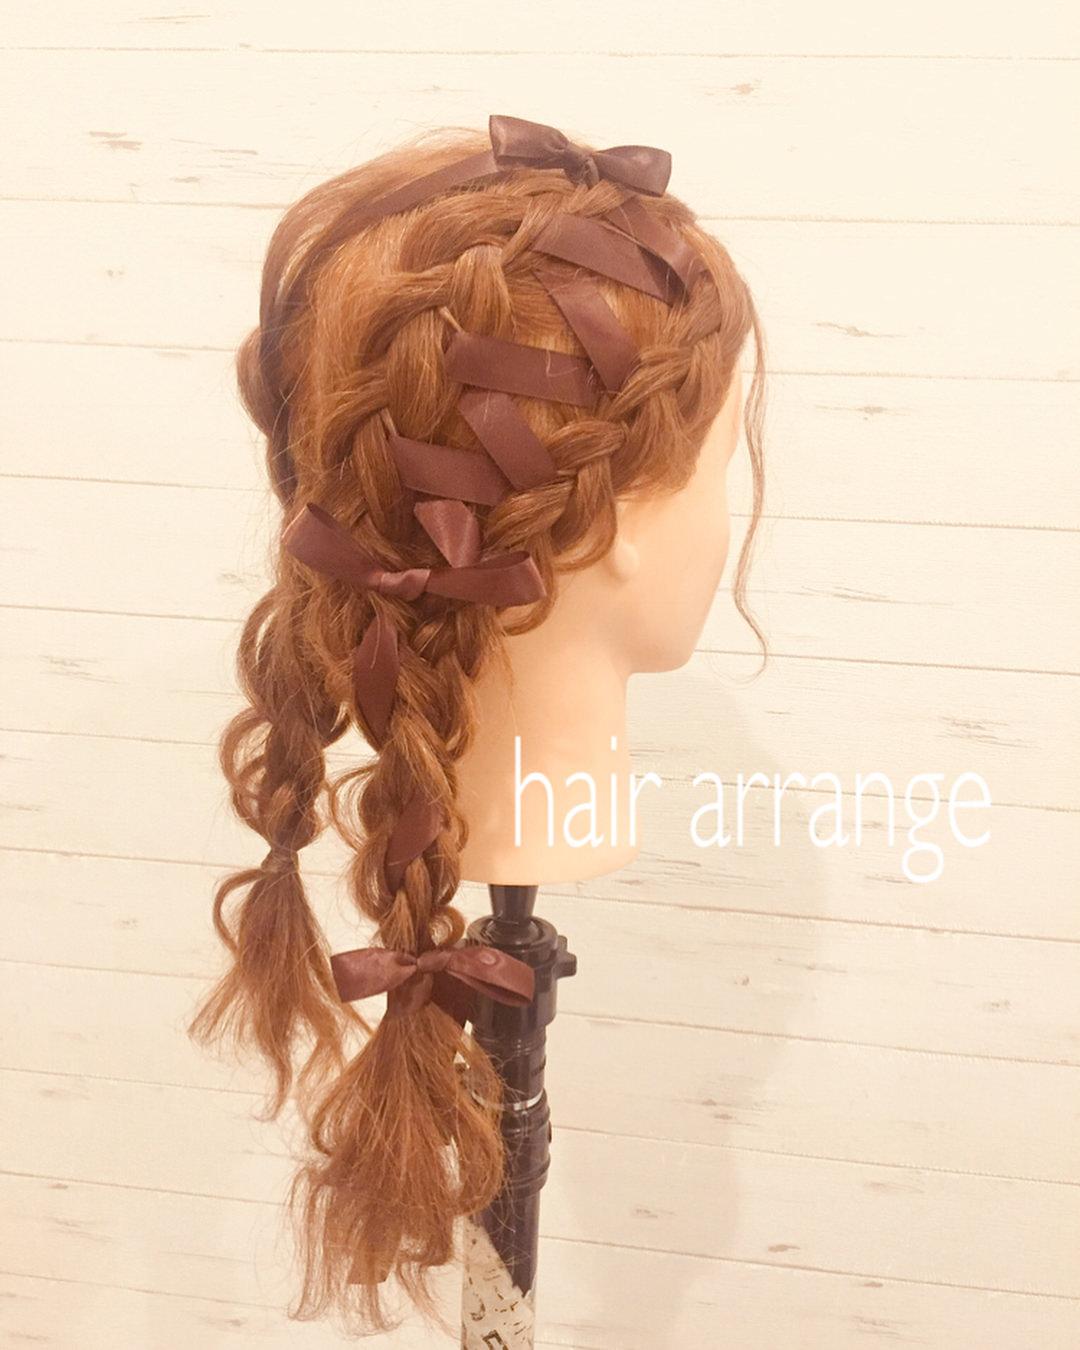 【保存版】トレンドの可愛いヘアスタイル・髪型67選大発表!5